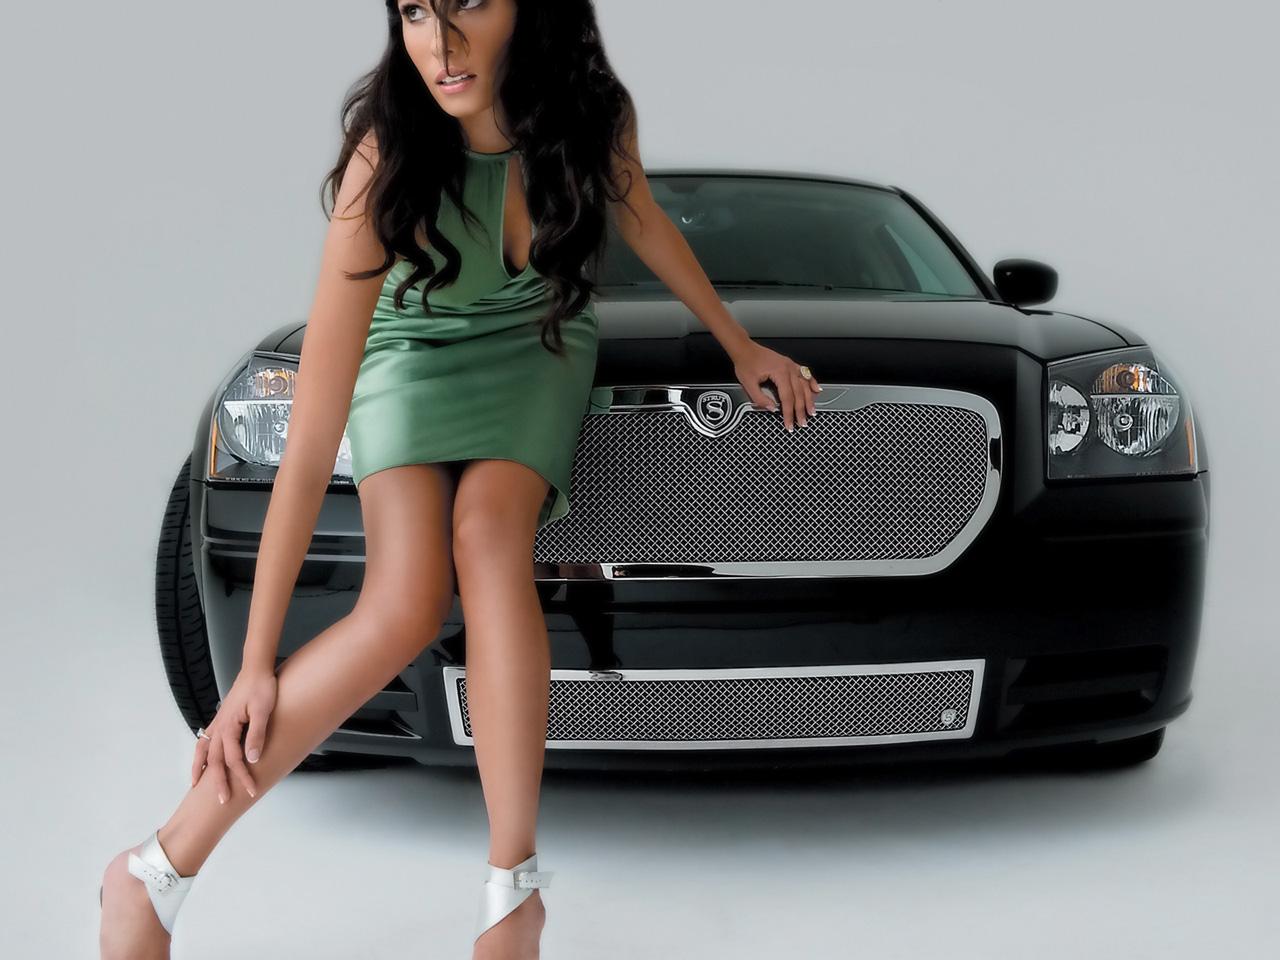 STRUT-Dodge-Magnum-Atlanta-Front-Model-2-1280x960.jpg ... & Index of /wp-content/uploads/arabaresimleri/strut/strut-dodge-magnum ...